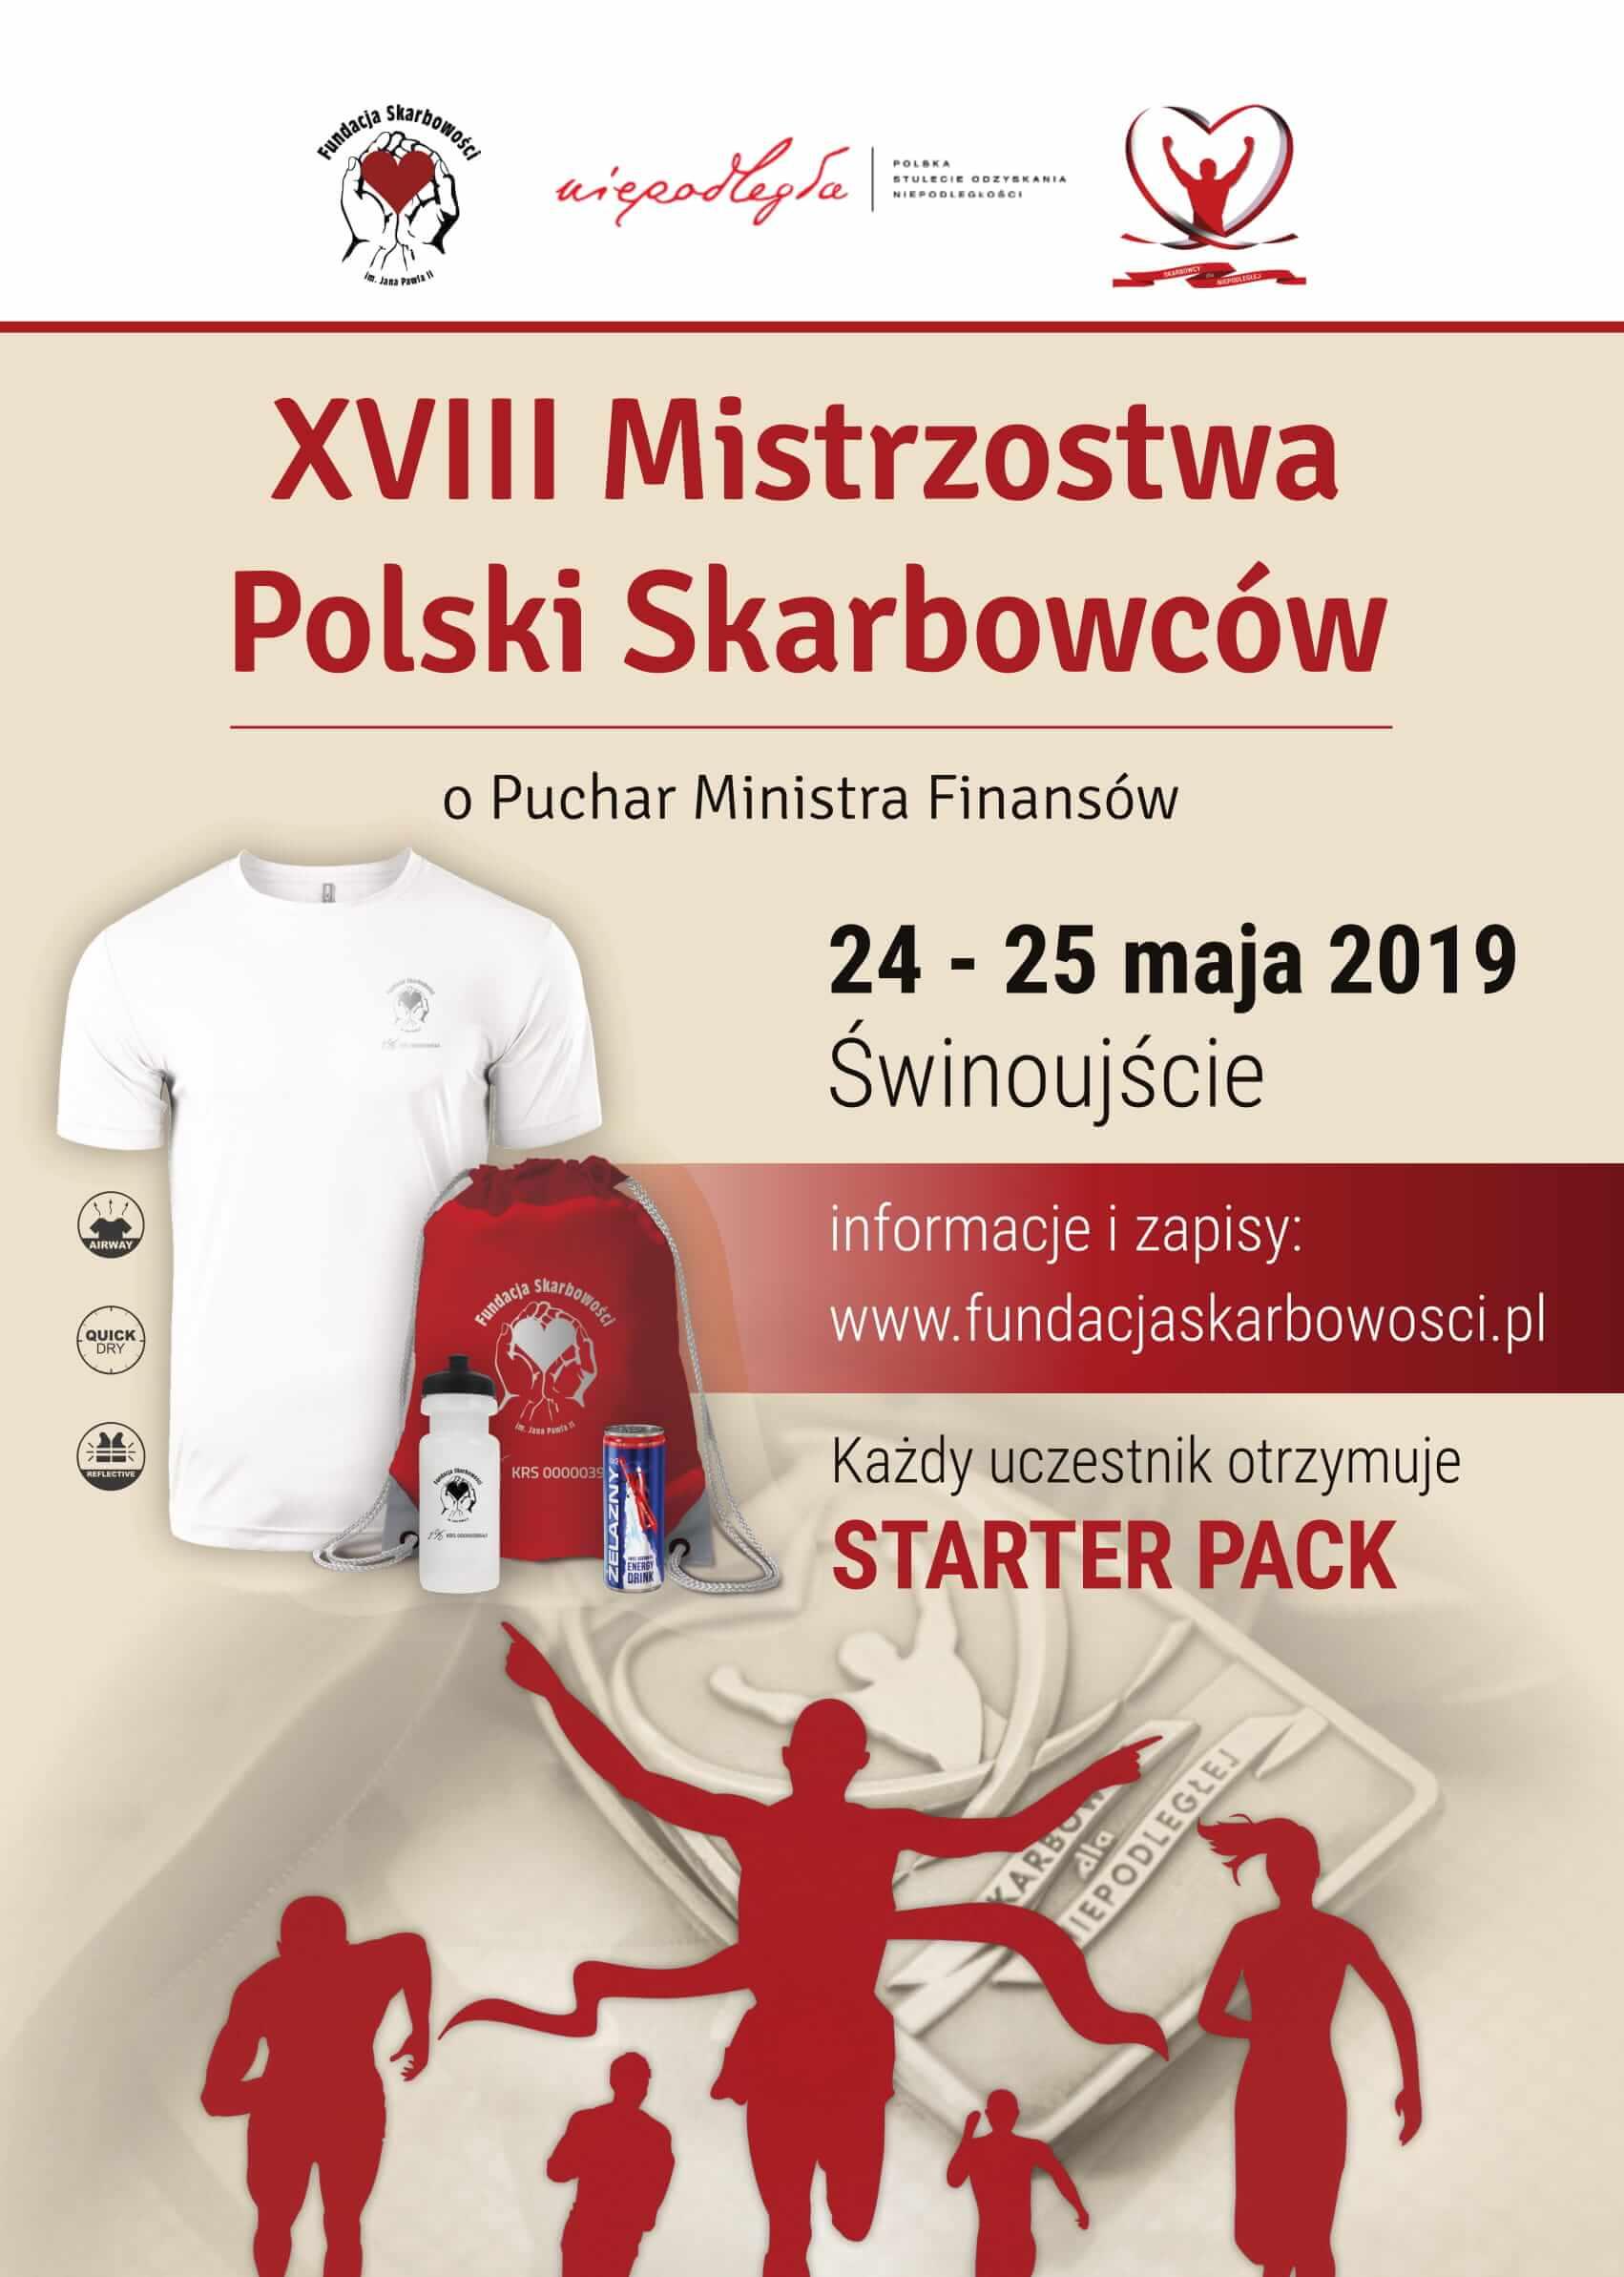 XVIII Mistrzostwa Polski Skarbowców,  Świnoujście, 24 – 25 maja 2019